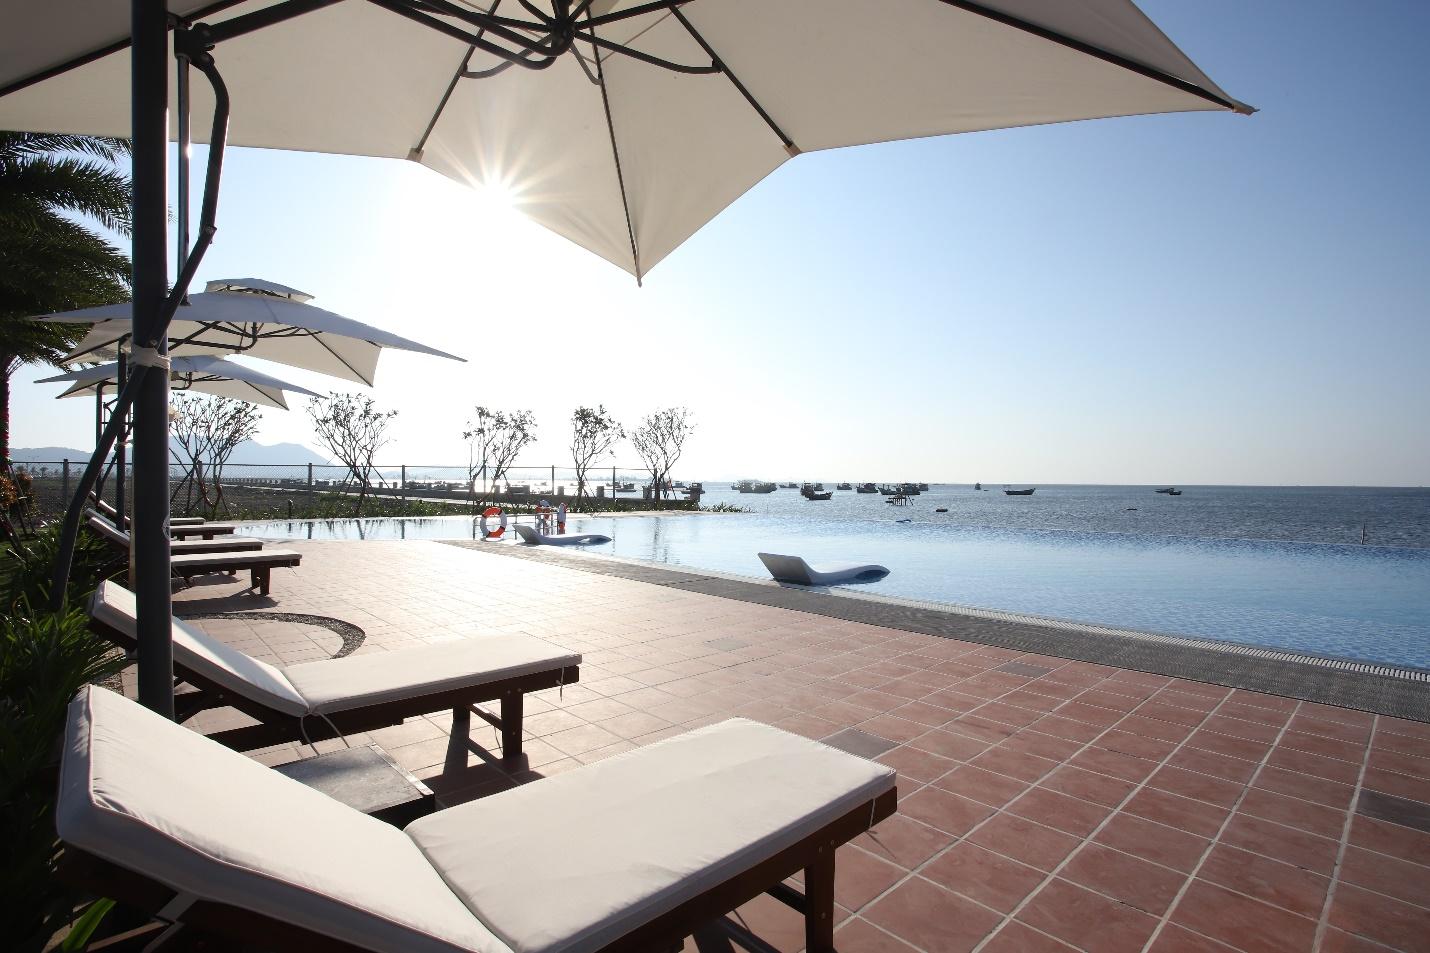 Một góc hồ bơi với chiếc ghế nằm thư giãn và ô che nắng